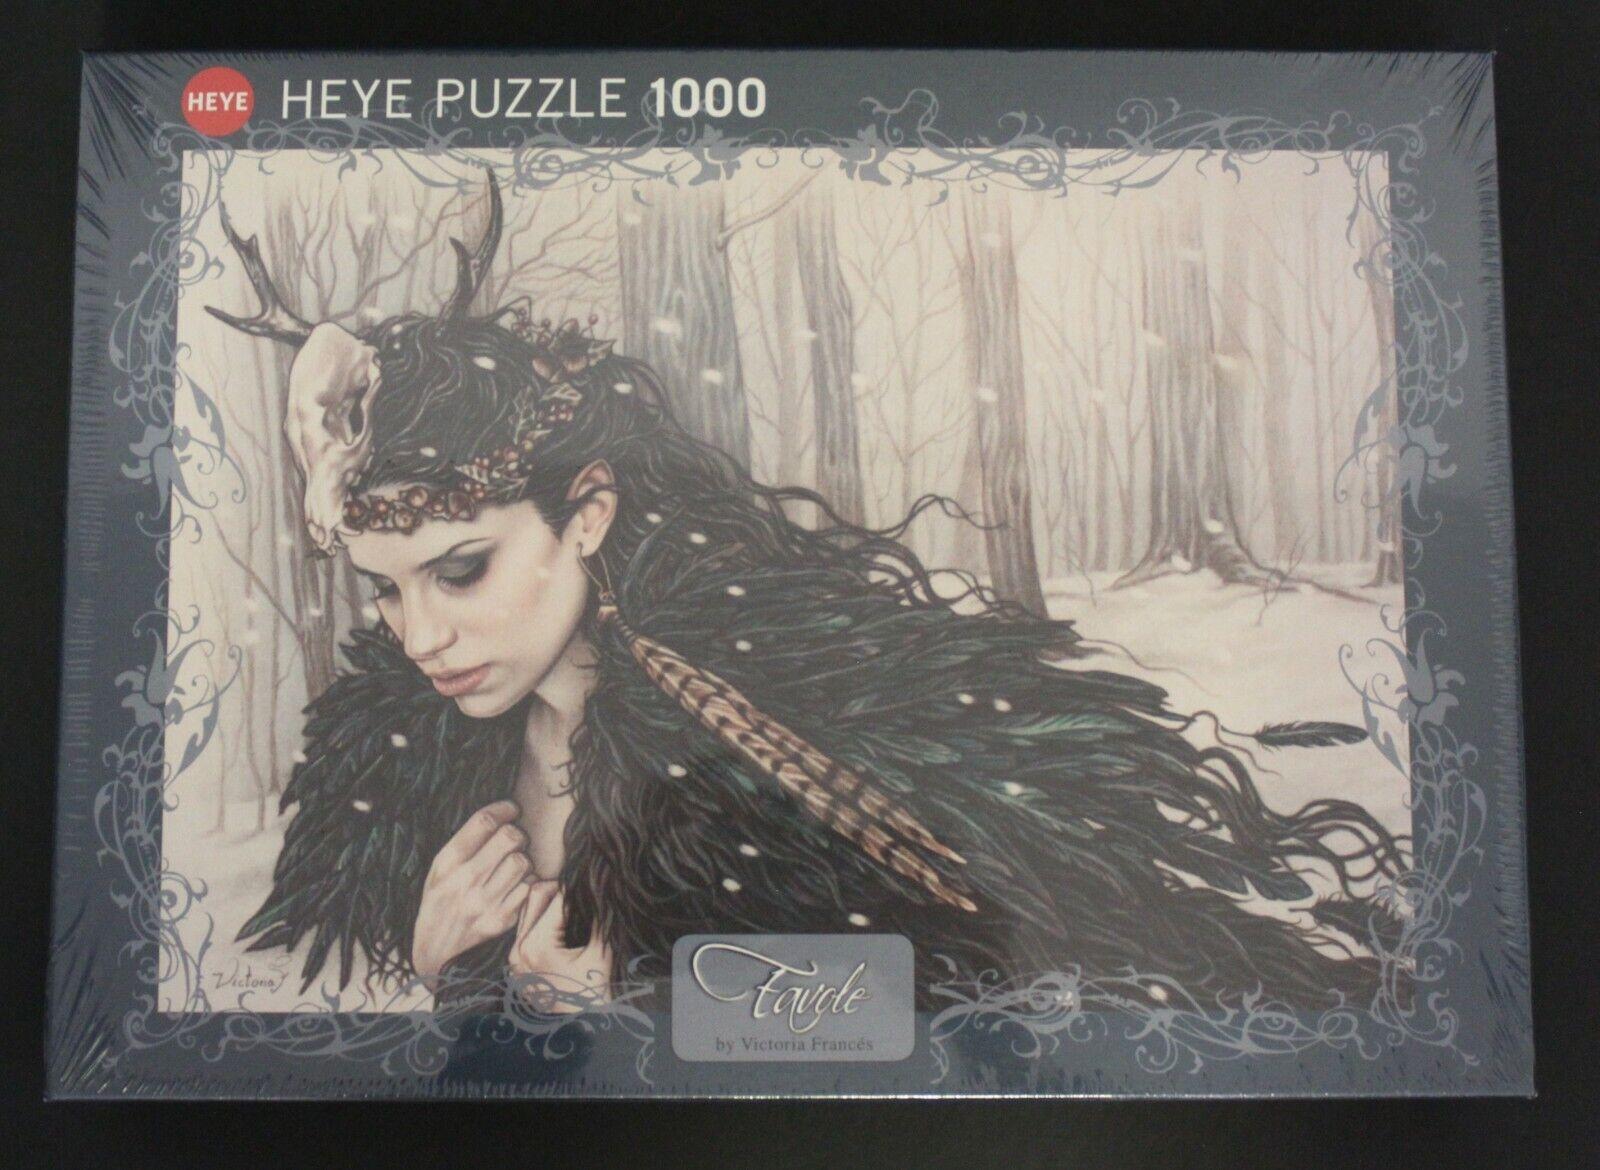 2013 Educa Favole series HORNED Puzzle by VICTORIA  FRANCES 1000 pcs SEALED VHTF  più economico